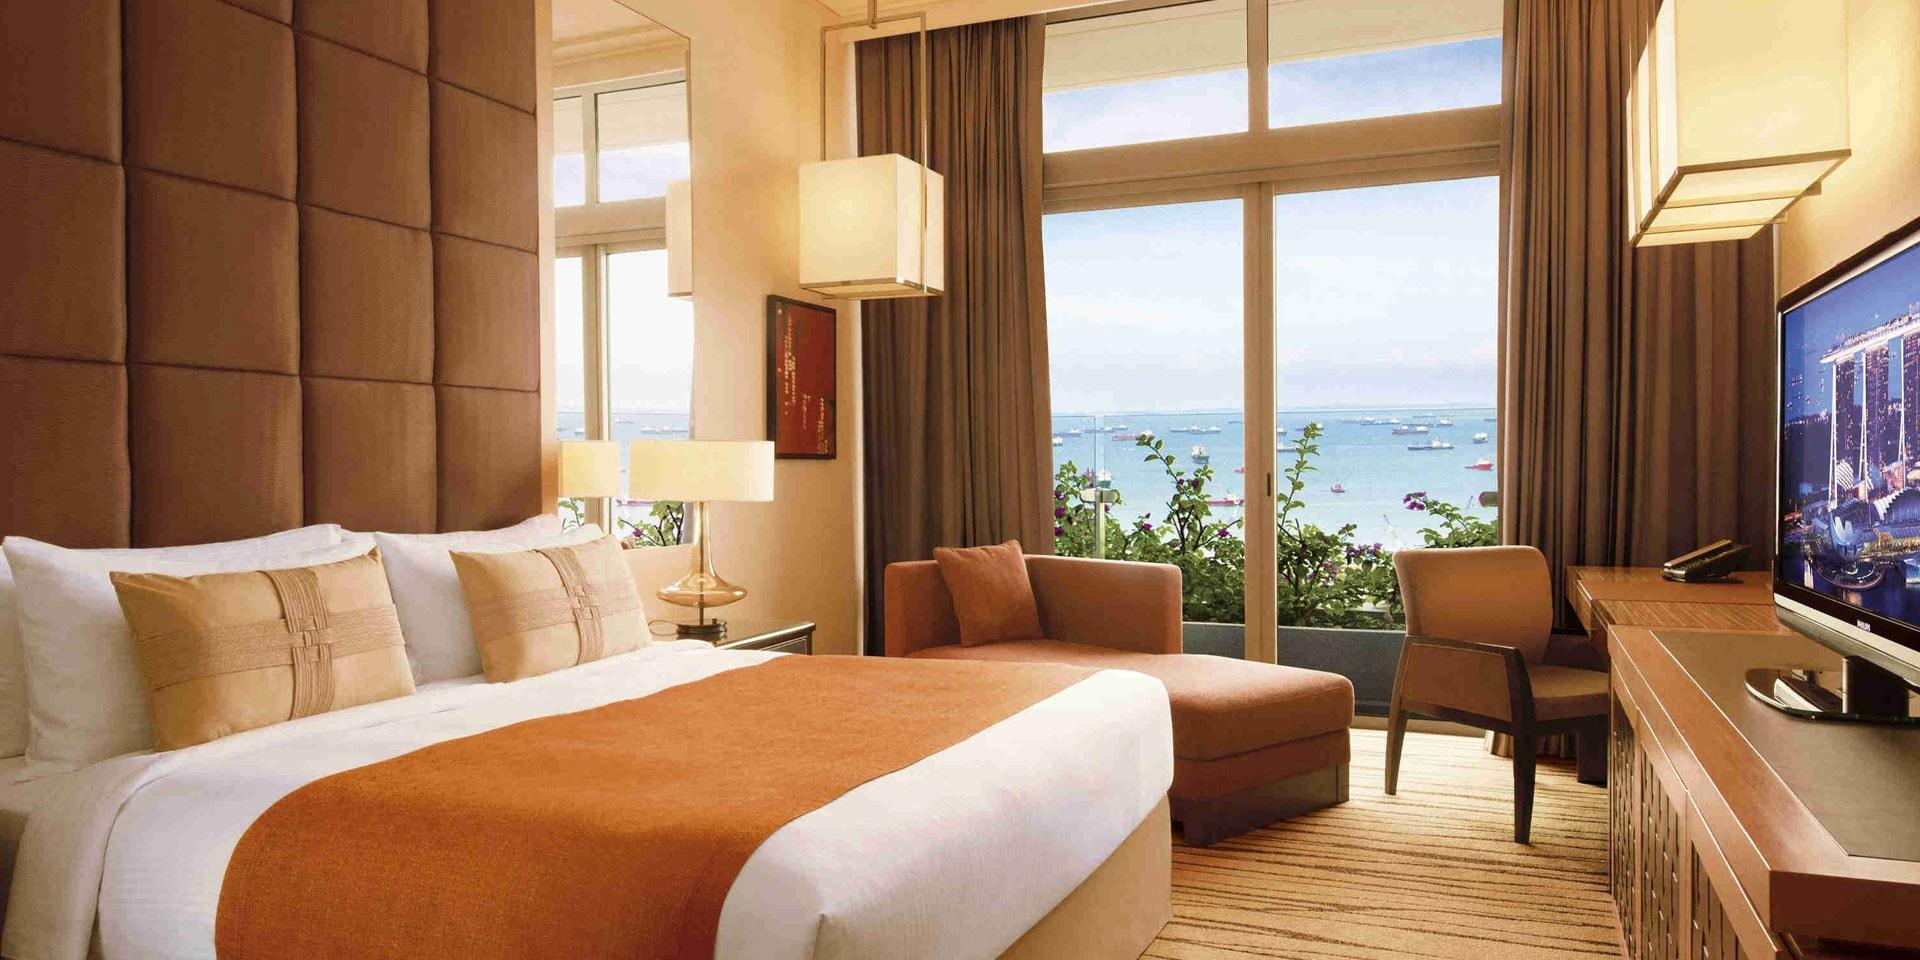 2 Bedroom Suites San Diego シンガポール Marina Bay Sands デラックスルーム